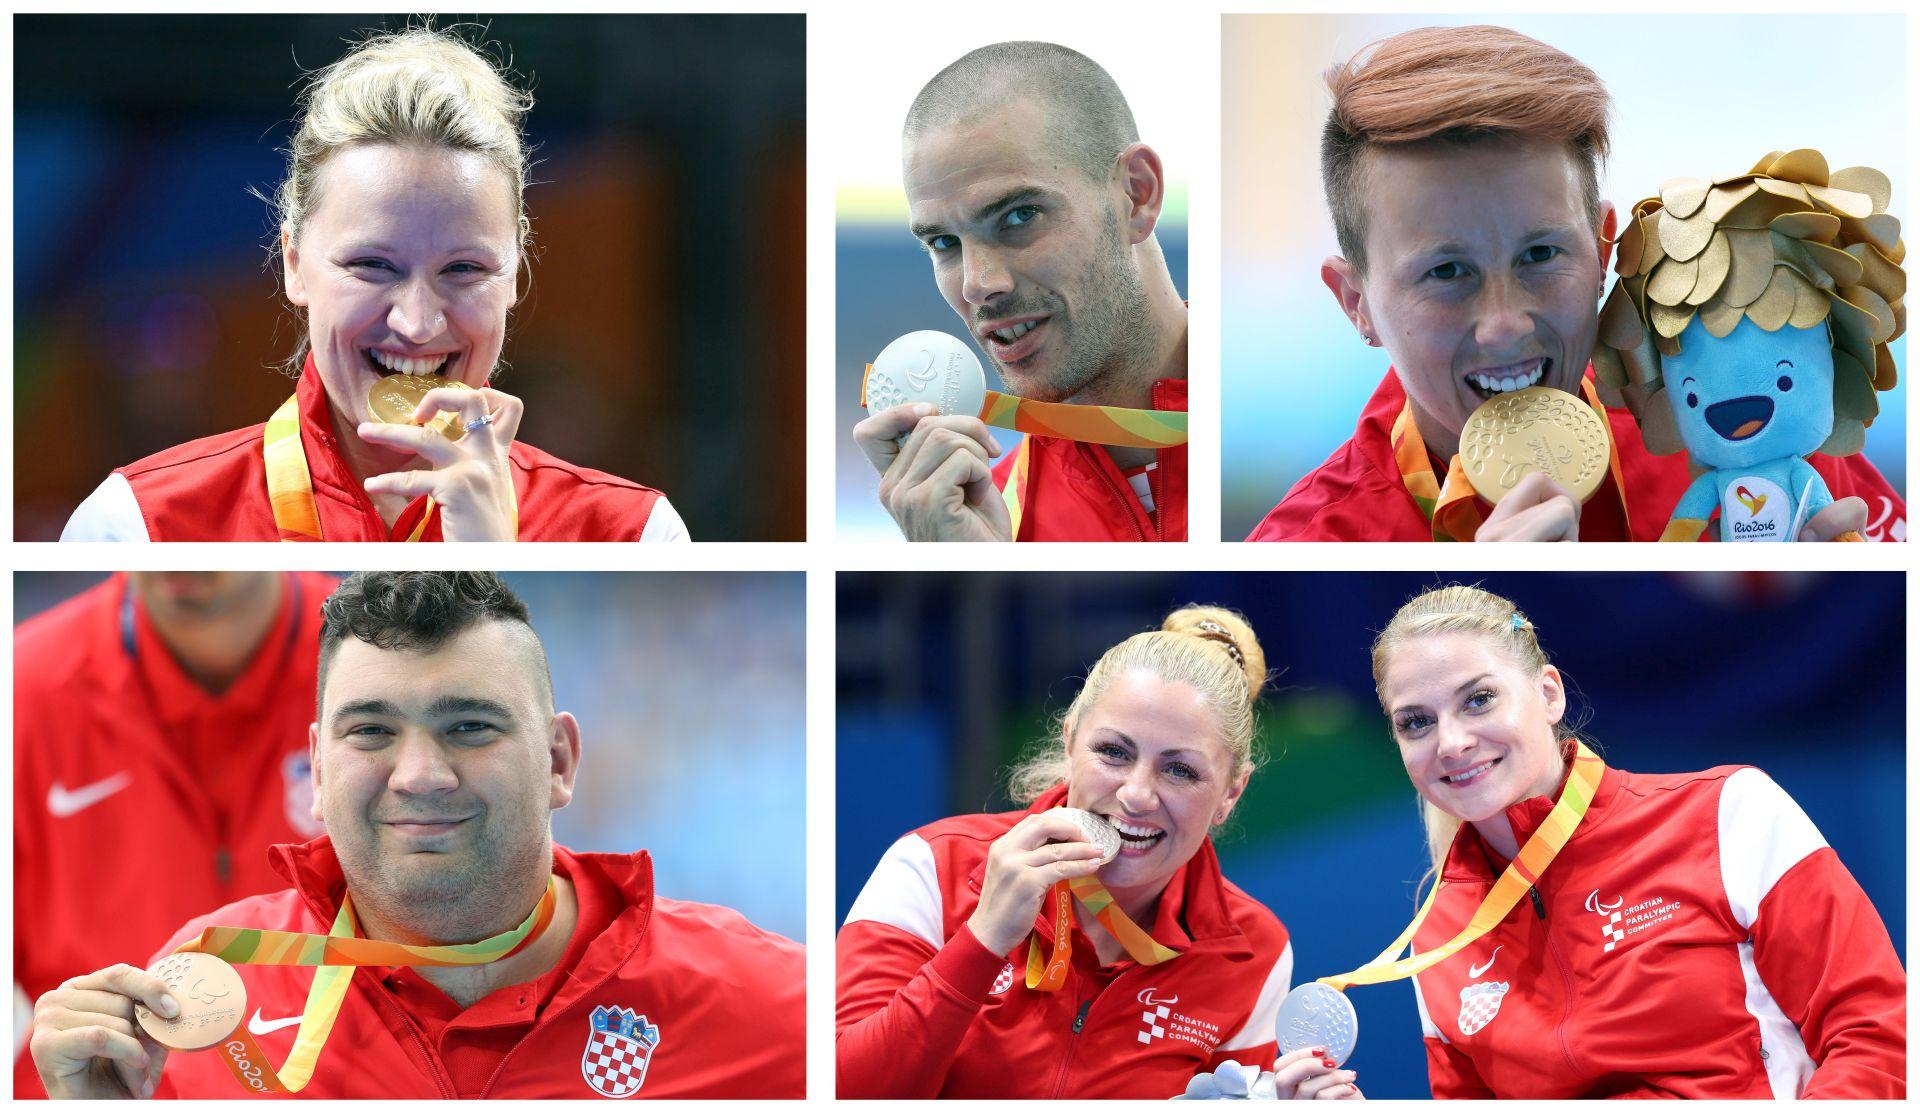 POI RIO Hrvatska na 41. mjestu s dva zlata, dva srebra i jednom broncom